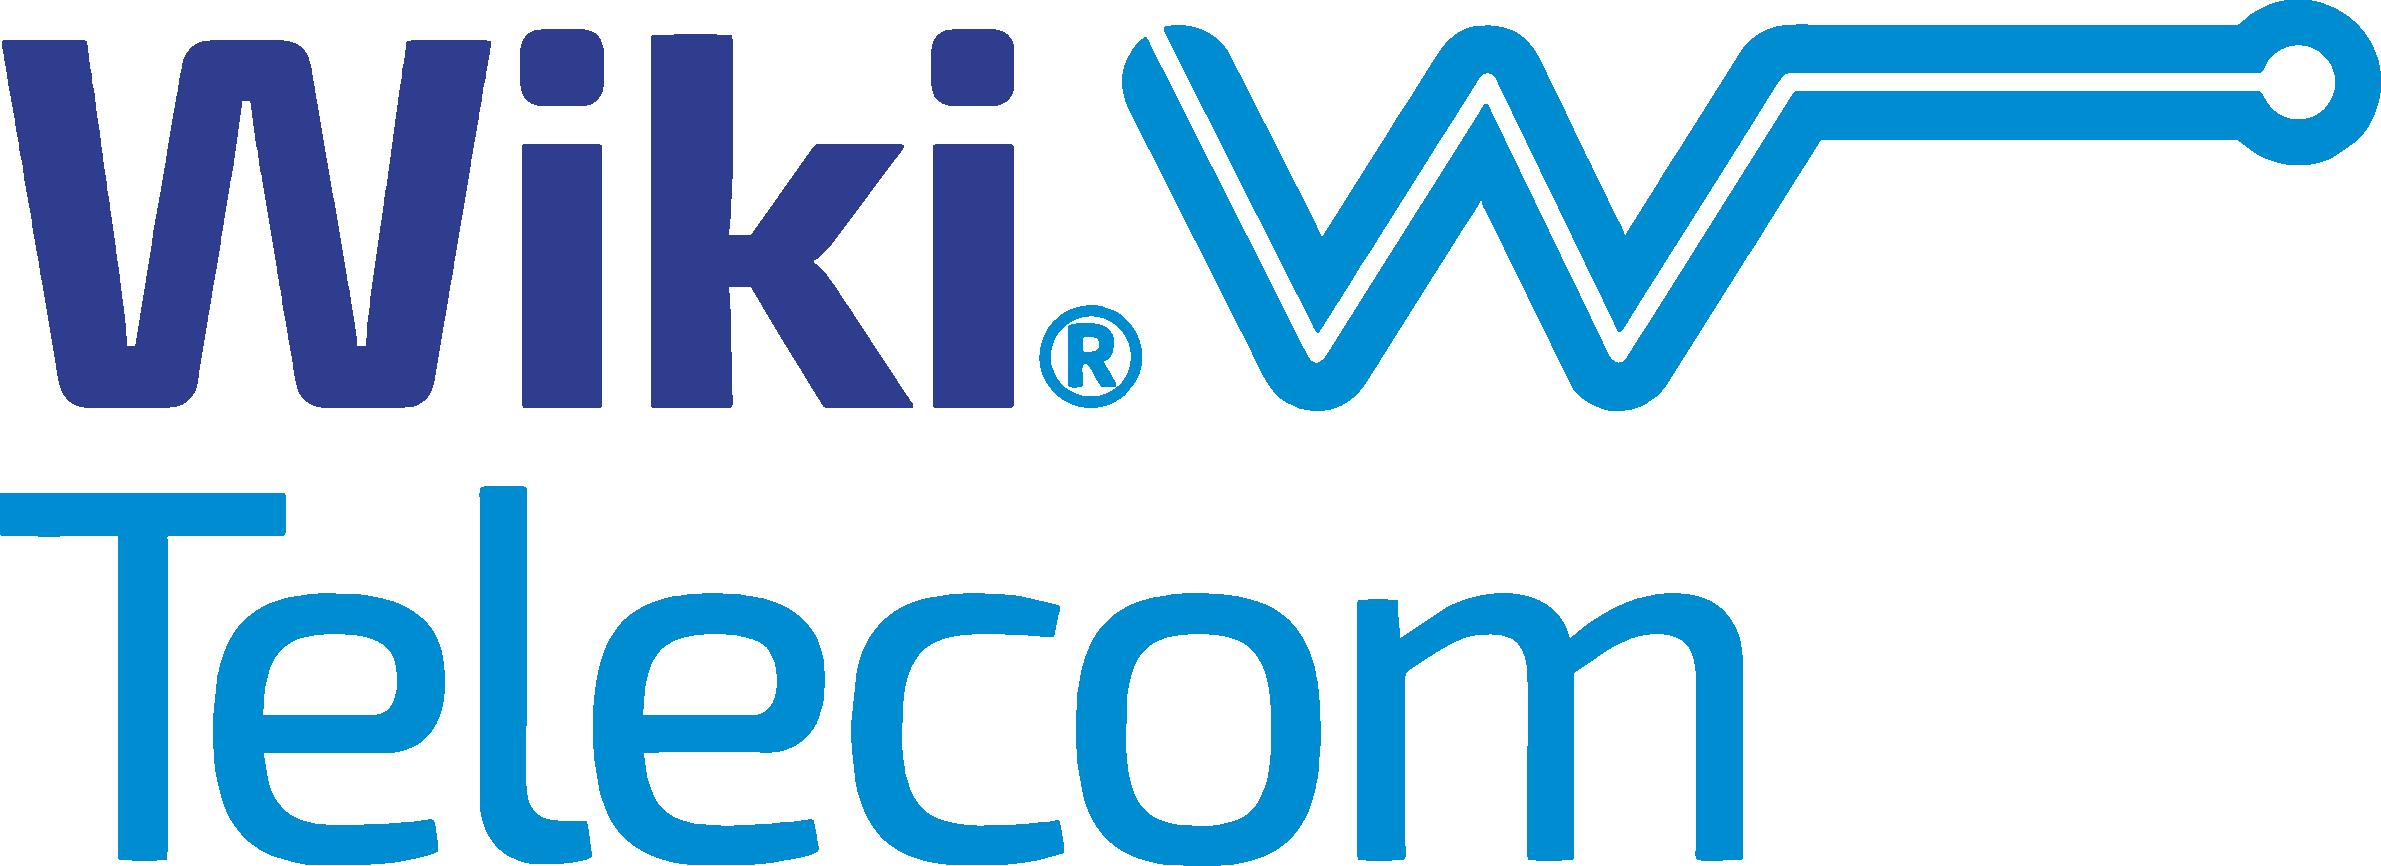 Mais velocidade com Wiki Fibra – Internet & TV